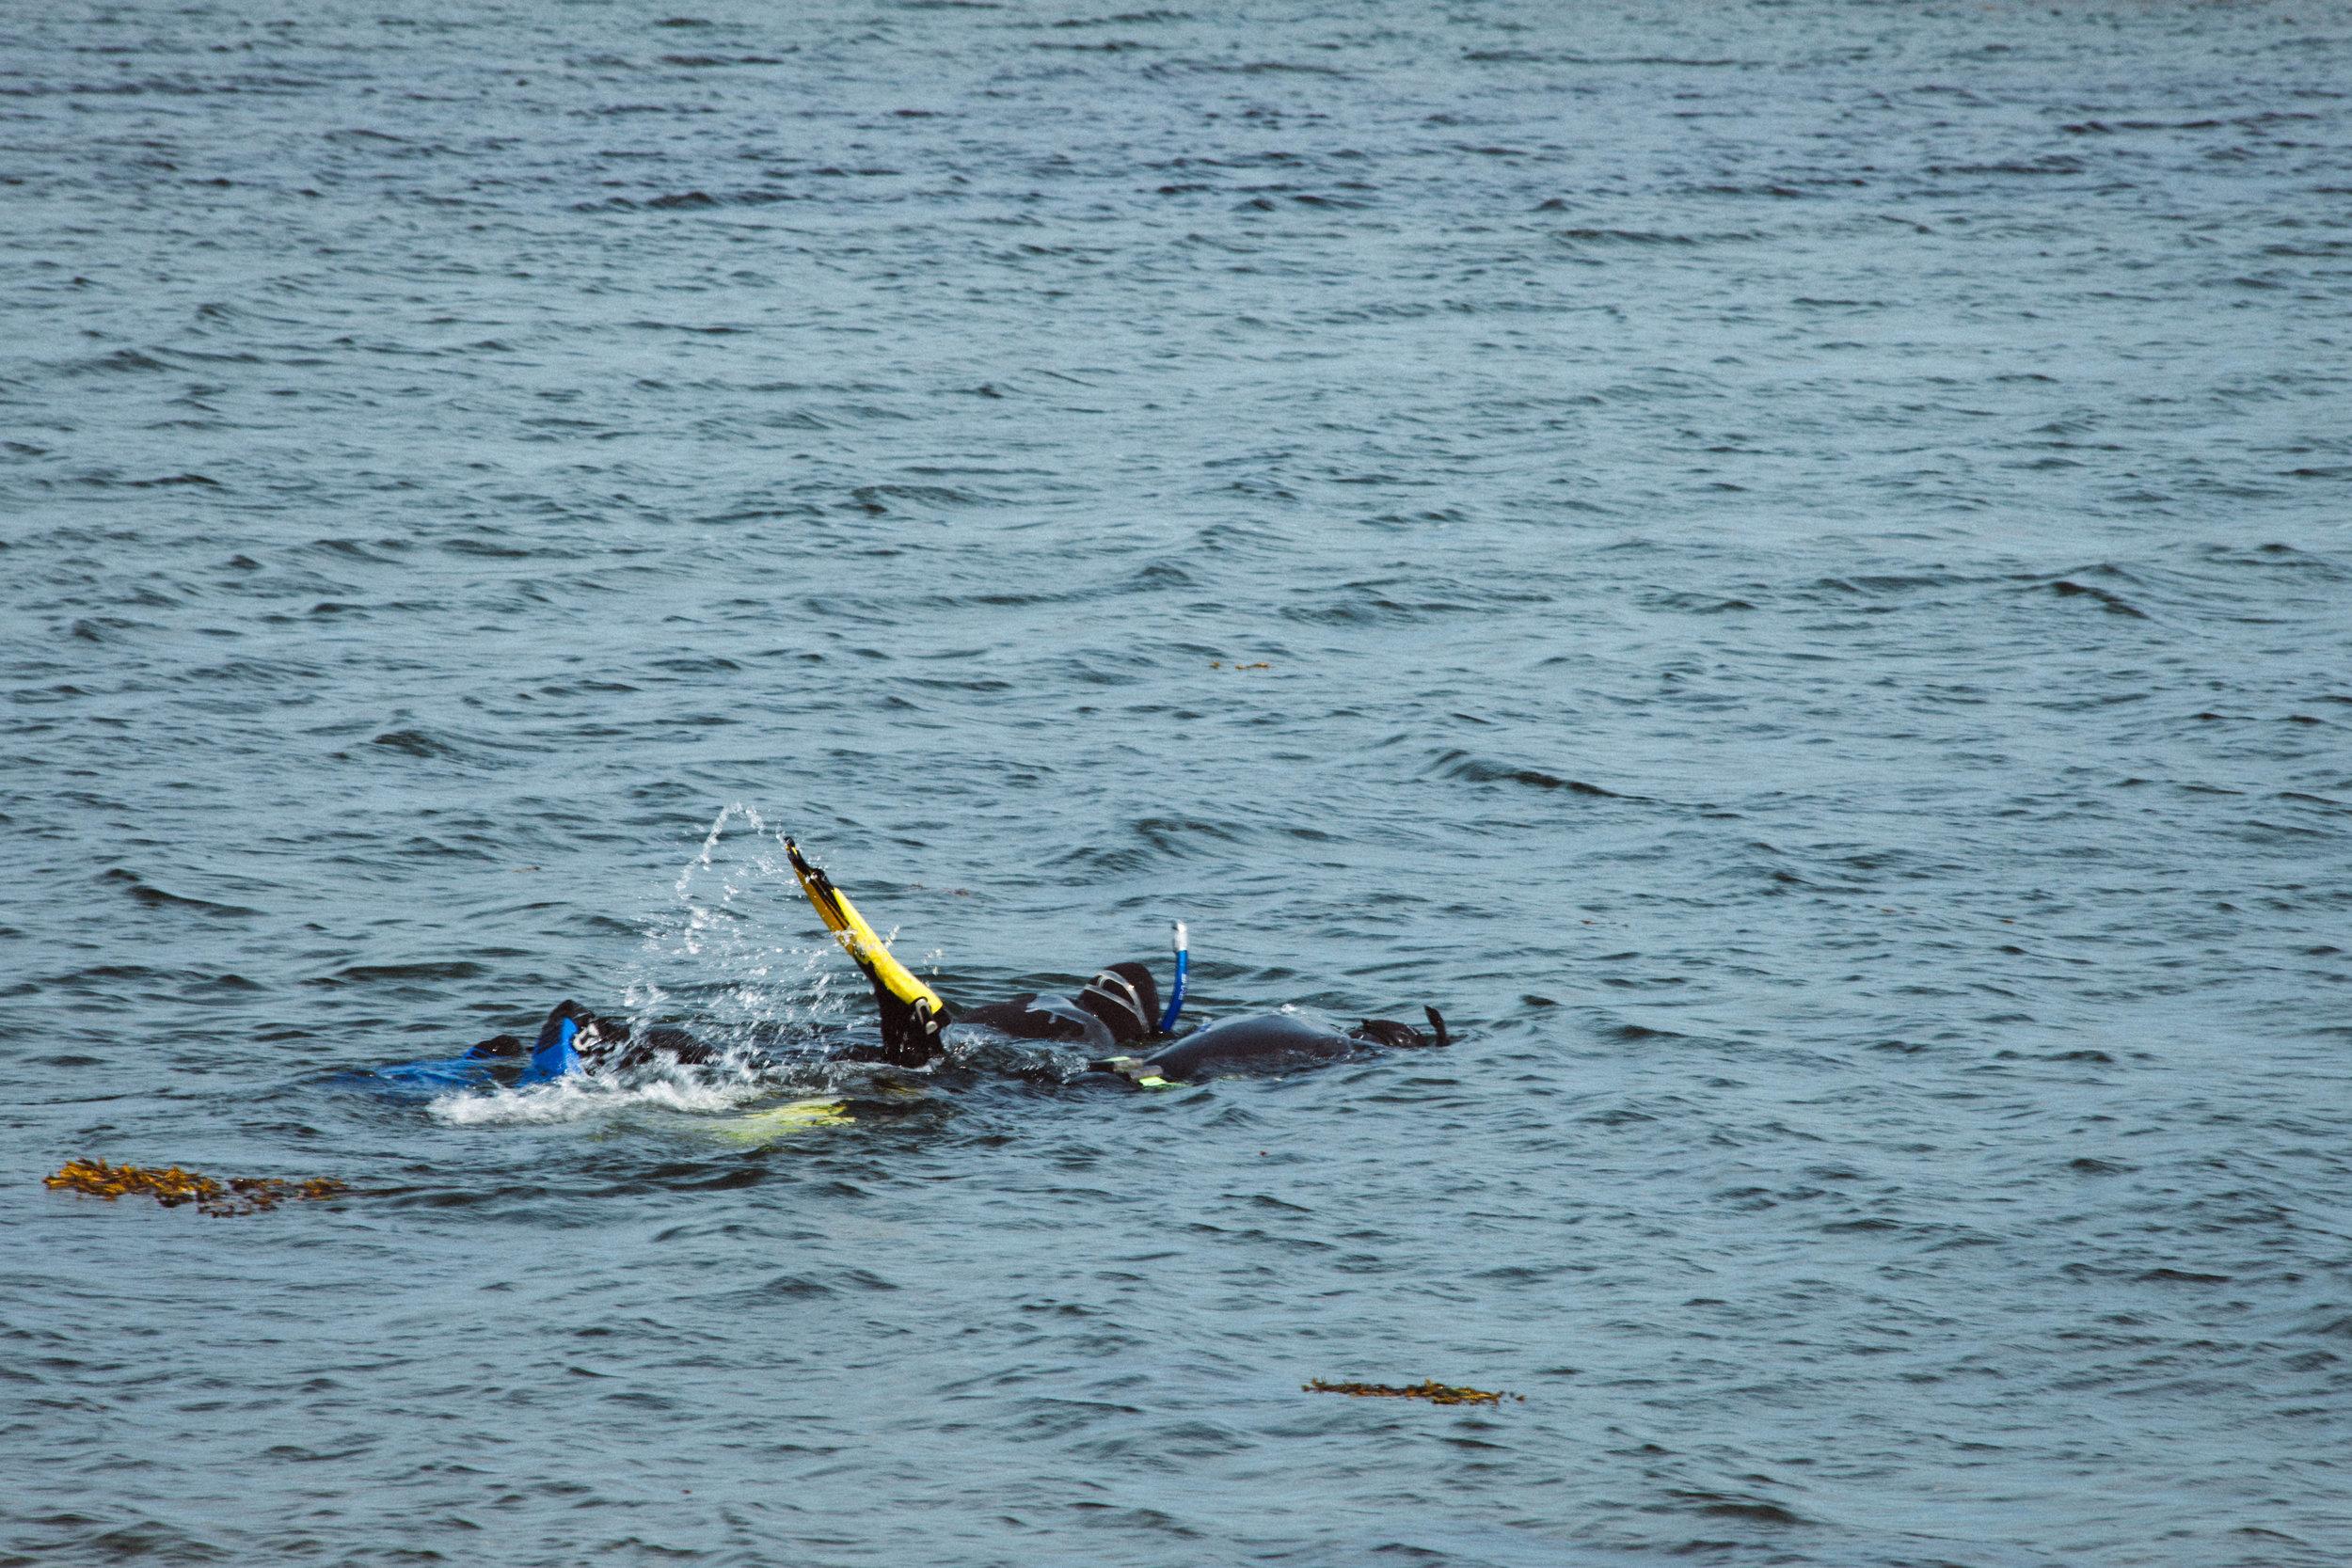 Plongée - Les Ilets est également un site très réputé pour la plongé sous marine ou en apnée. On peut y observer une large biodiversité marine. Les Ilets bloquent les vagues provenant du large et permet une plongé moins mouvementé pour permette à tous les niveaux d'expérience d'y participer.